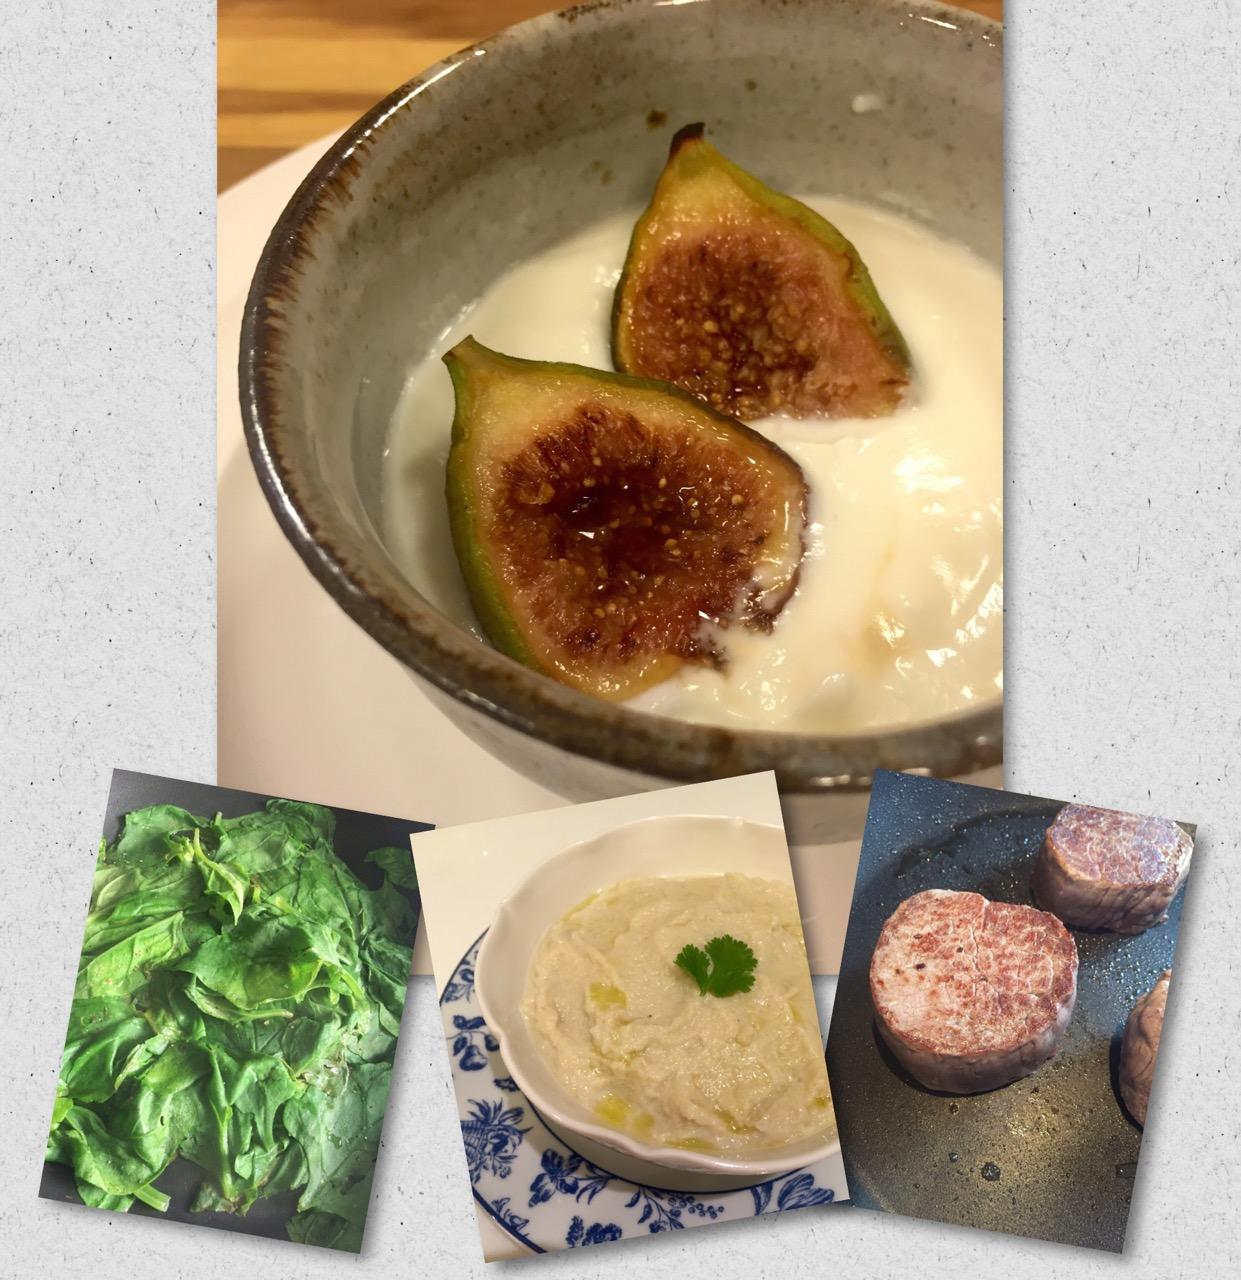 Receitas light pela nossa chef do Salotto Luciana de Oliveira: medalhões de filet mignon, puré de couve flor, salada de espinafre fresca e figos grelhados!